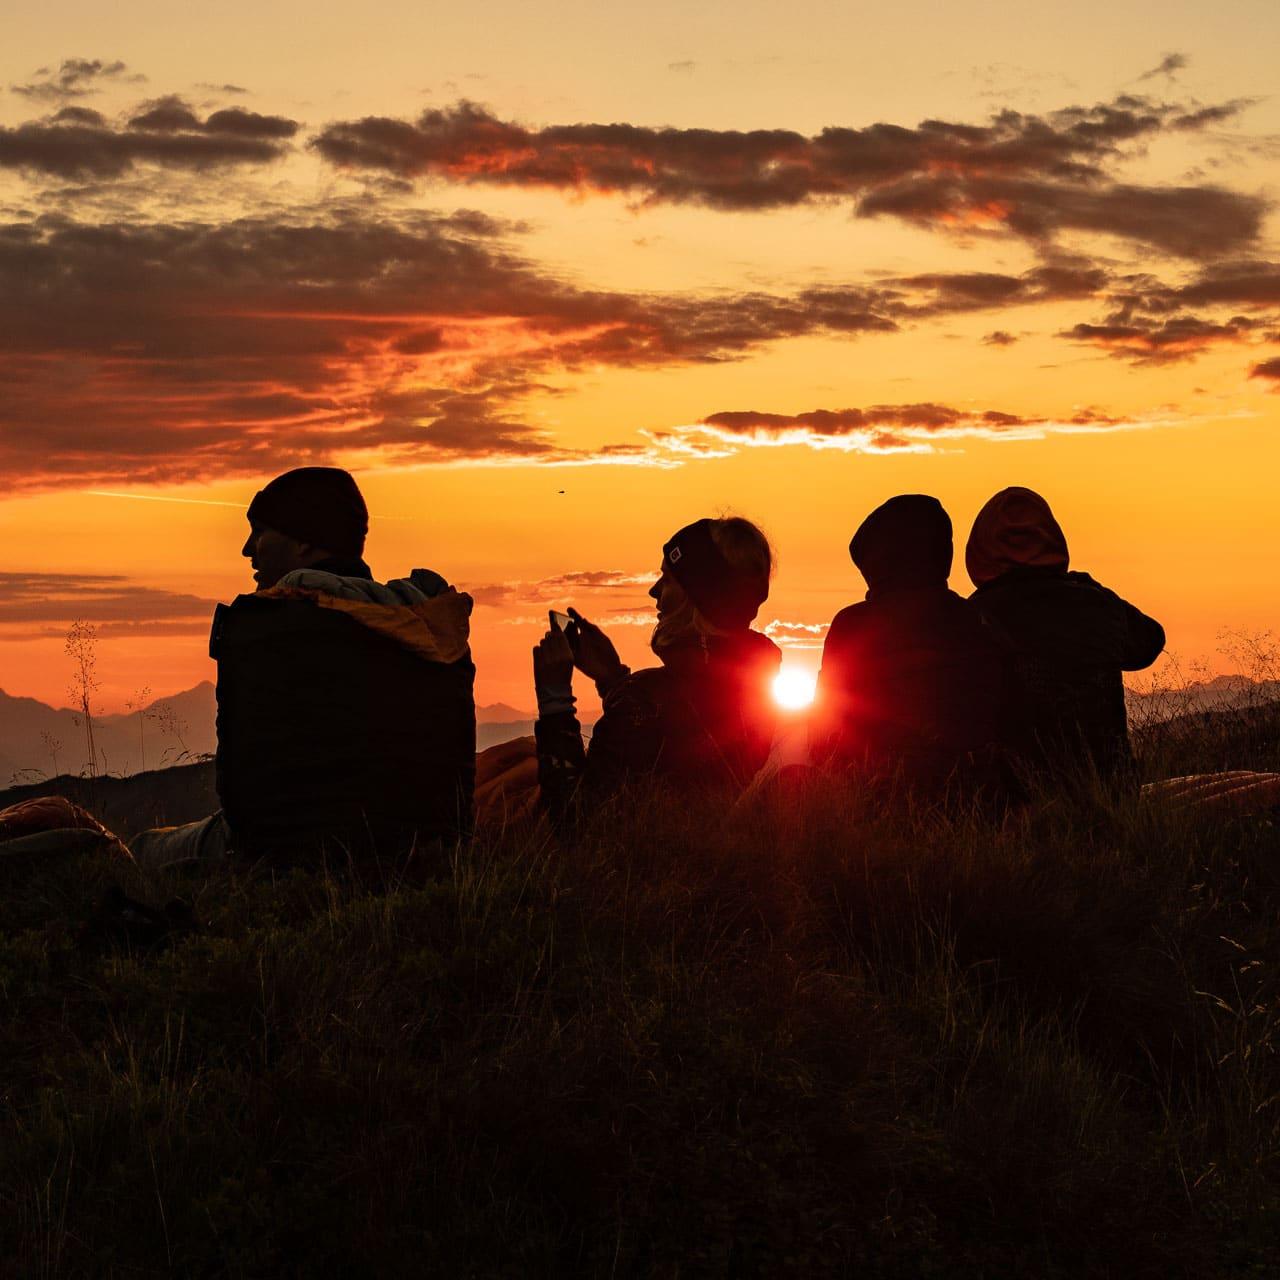 Sonnenmeditation am Berg – Vom Dunkel ins Licht